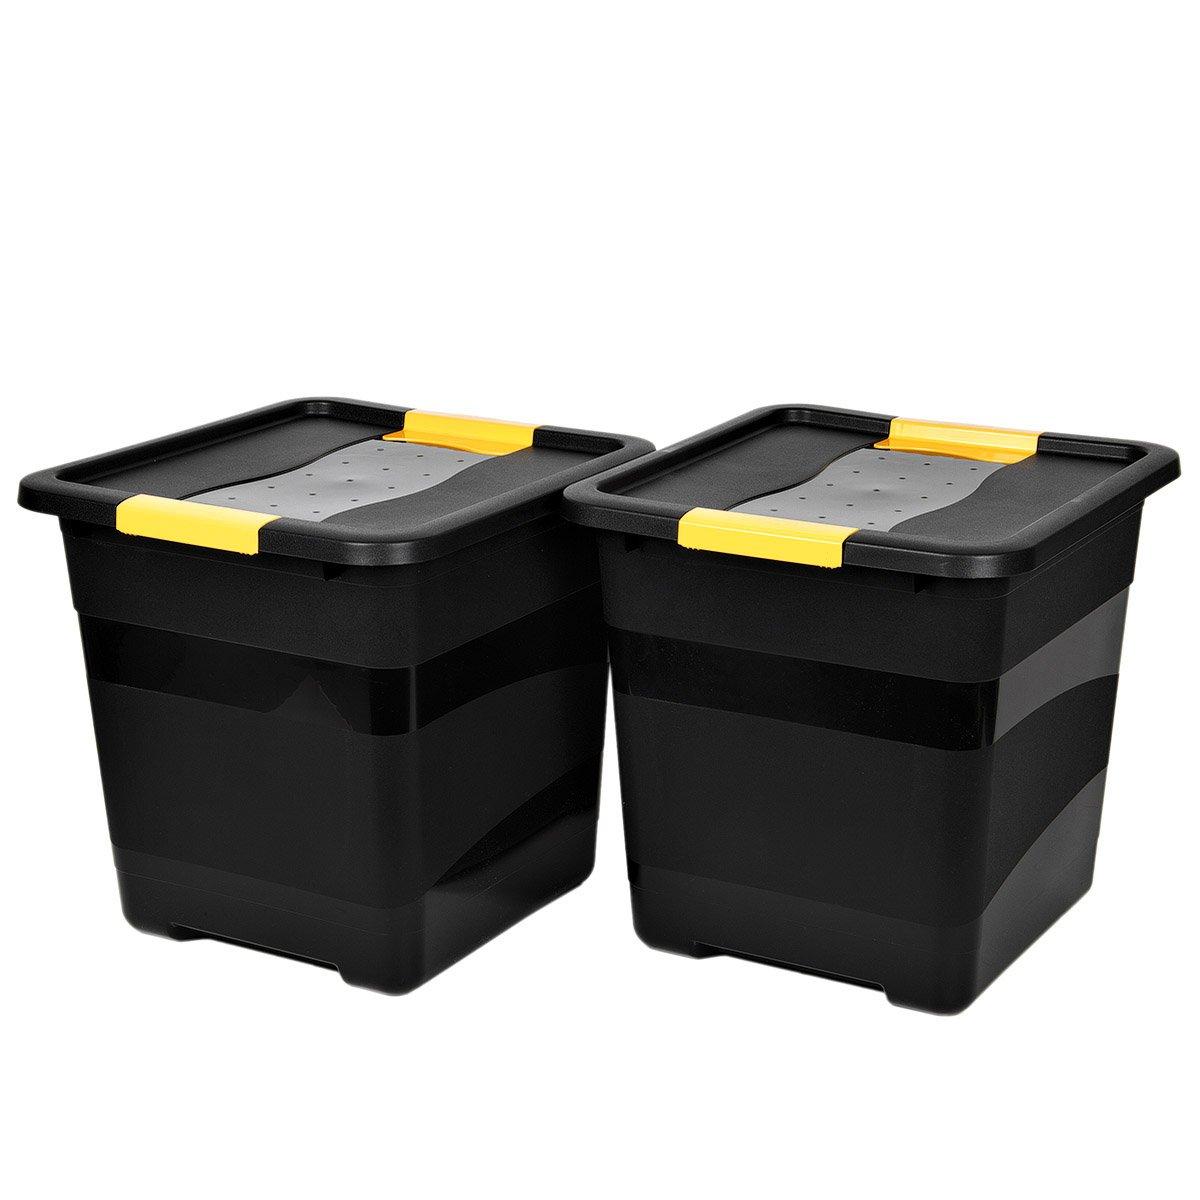 Ma/ße BxTxH in cm: 50 x 40 x 35 Nutzvolumen von ca 42 Liter Stapelbar und nestbar Robuste Transport- und LagerboxTOUGH in Schwarz mit gelben Clips